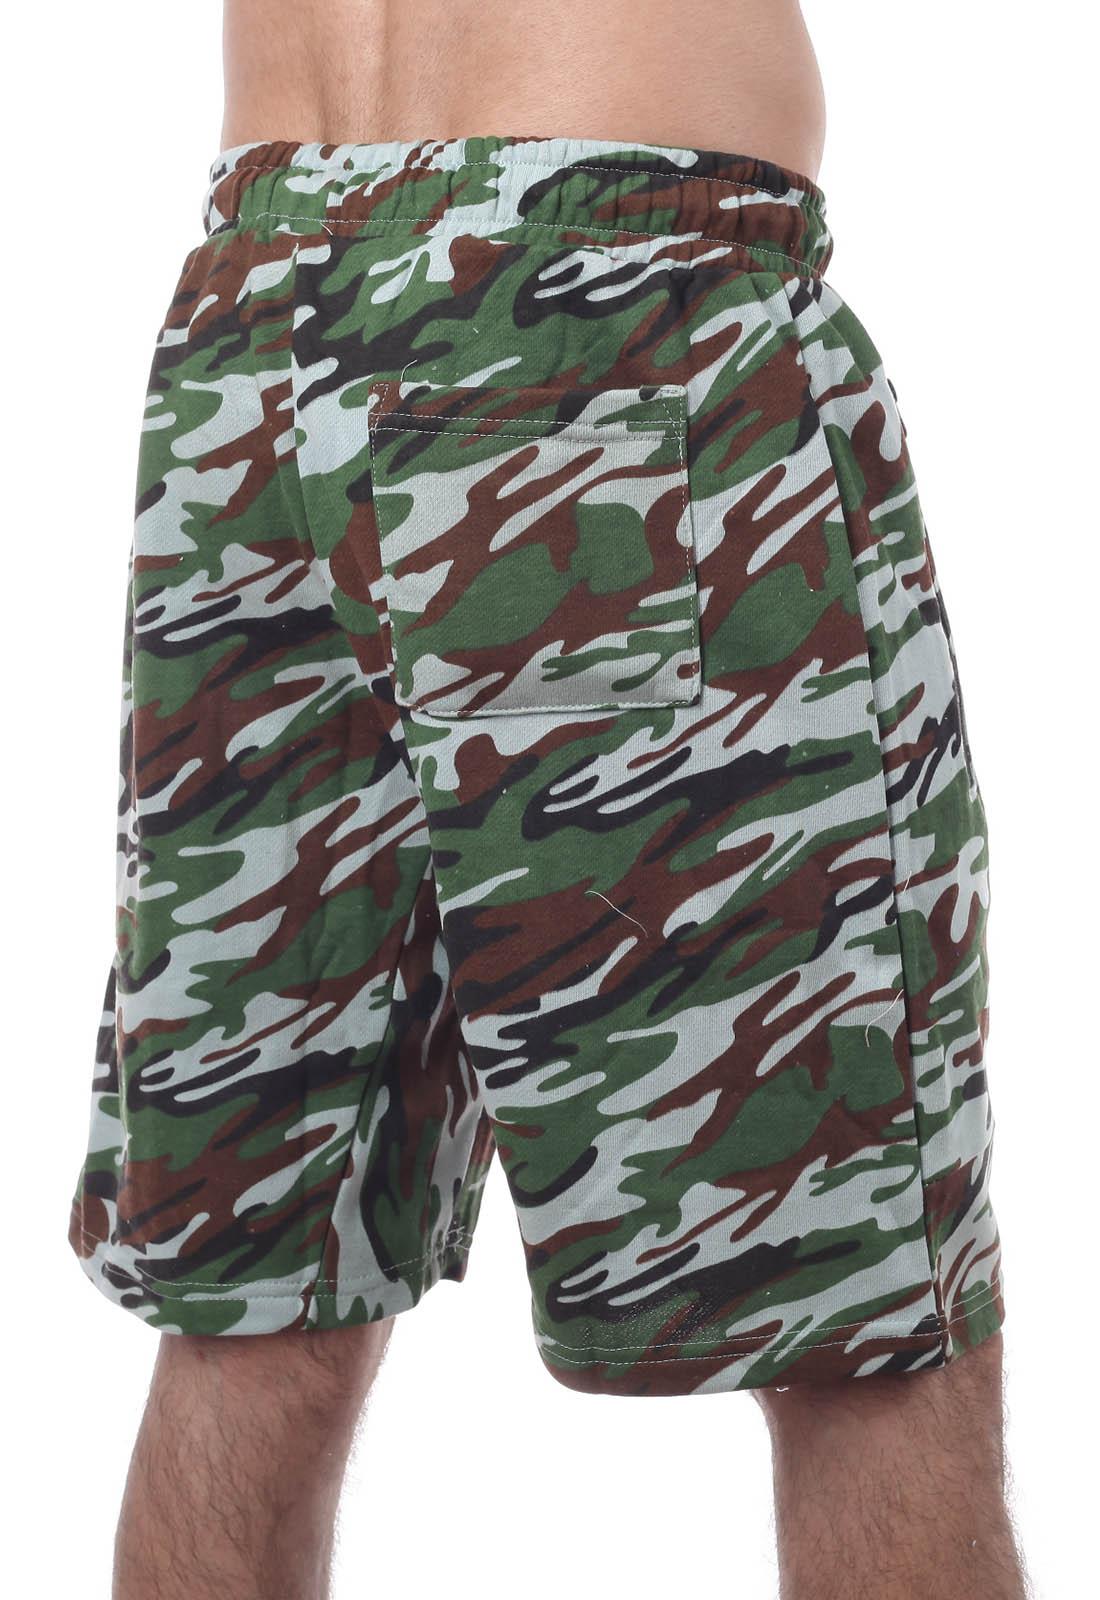 Модные камуфляжные шорты с нашивкой Русская Охота - купить в Военпро